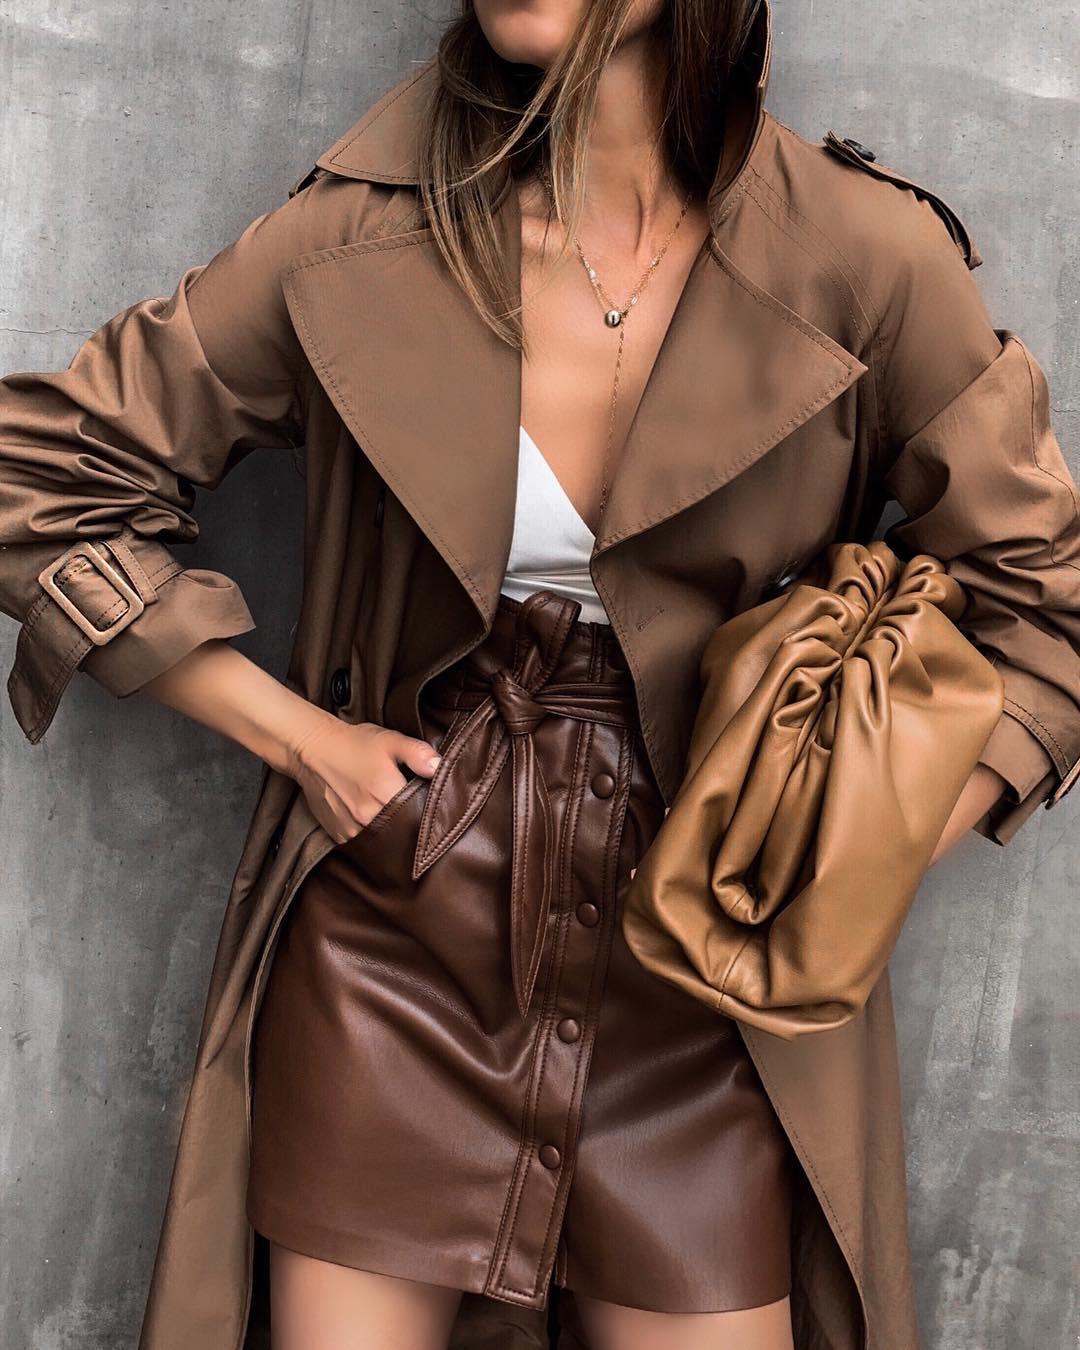 модные осенние образы в коричневом цвете фото 5